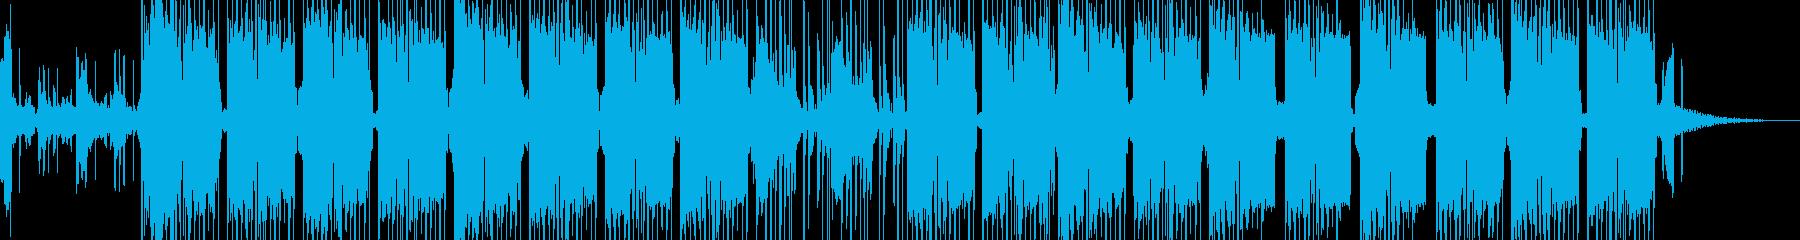 反復的なトランスのようなアンビエン...の再生済みの波形